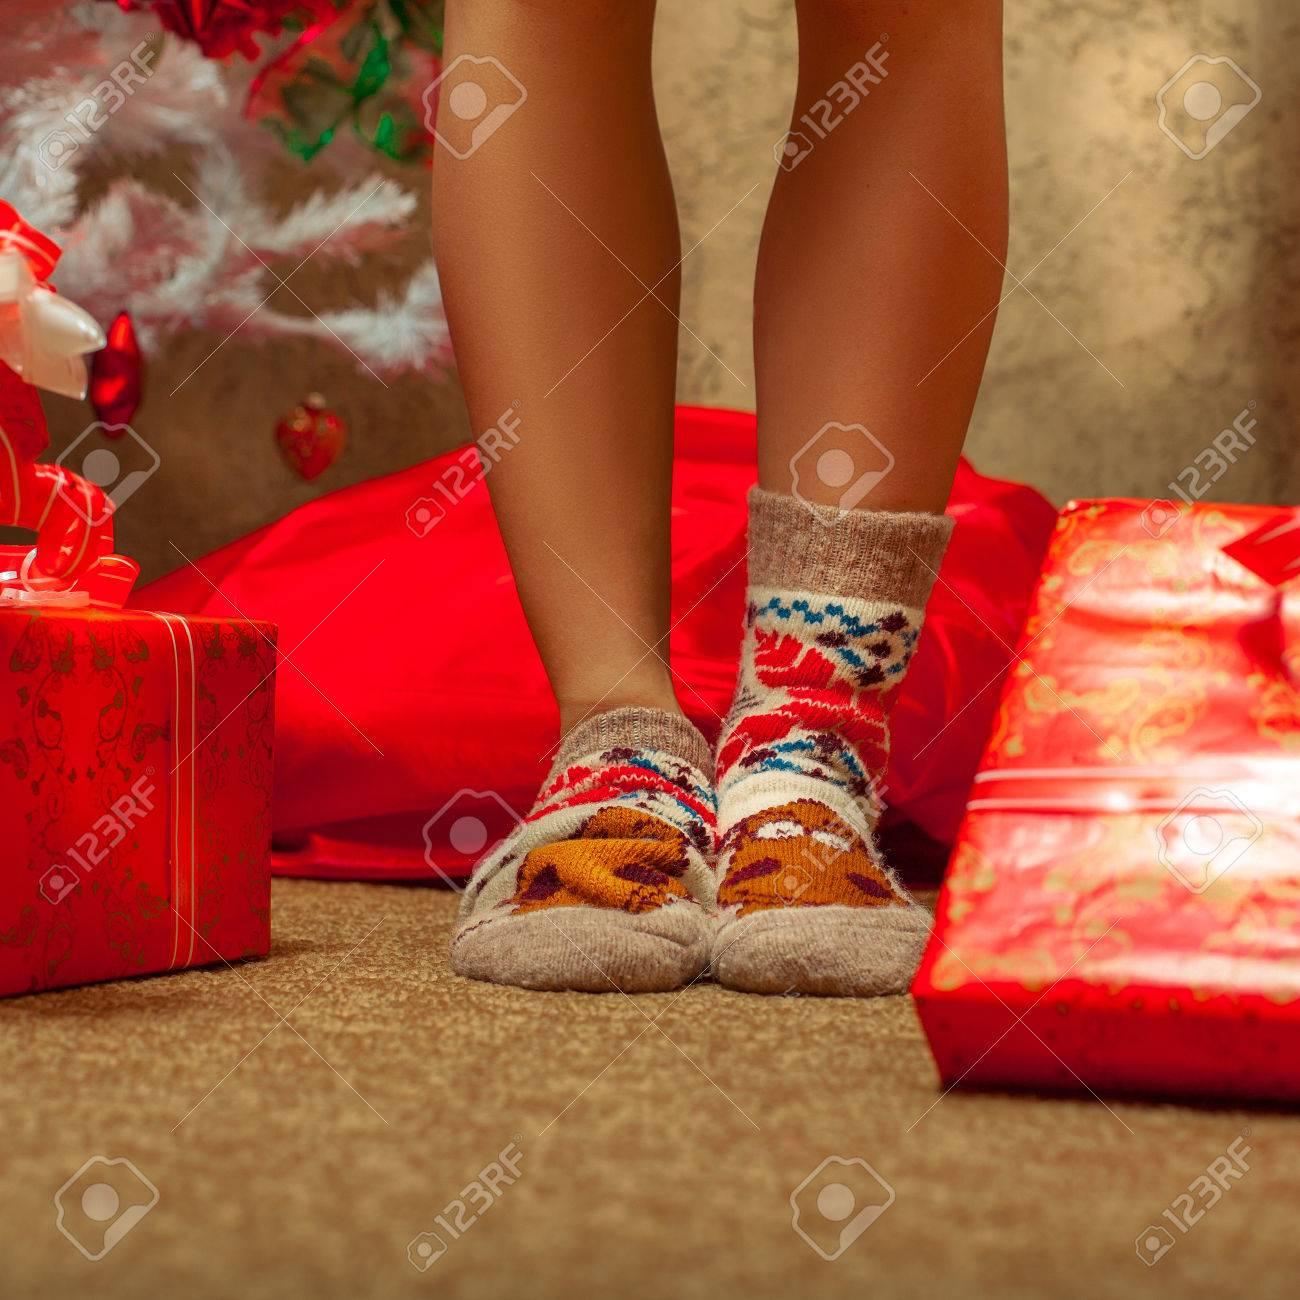 Weibliche Beine In Socken Spaß Mit Viel Weihnachtsgeschenke ...